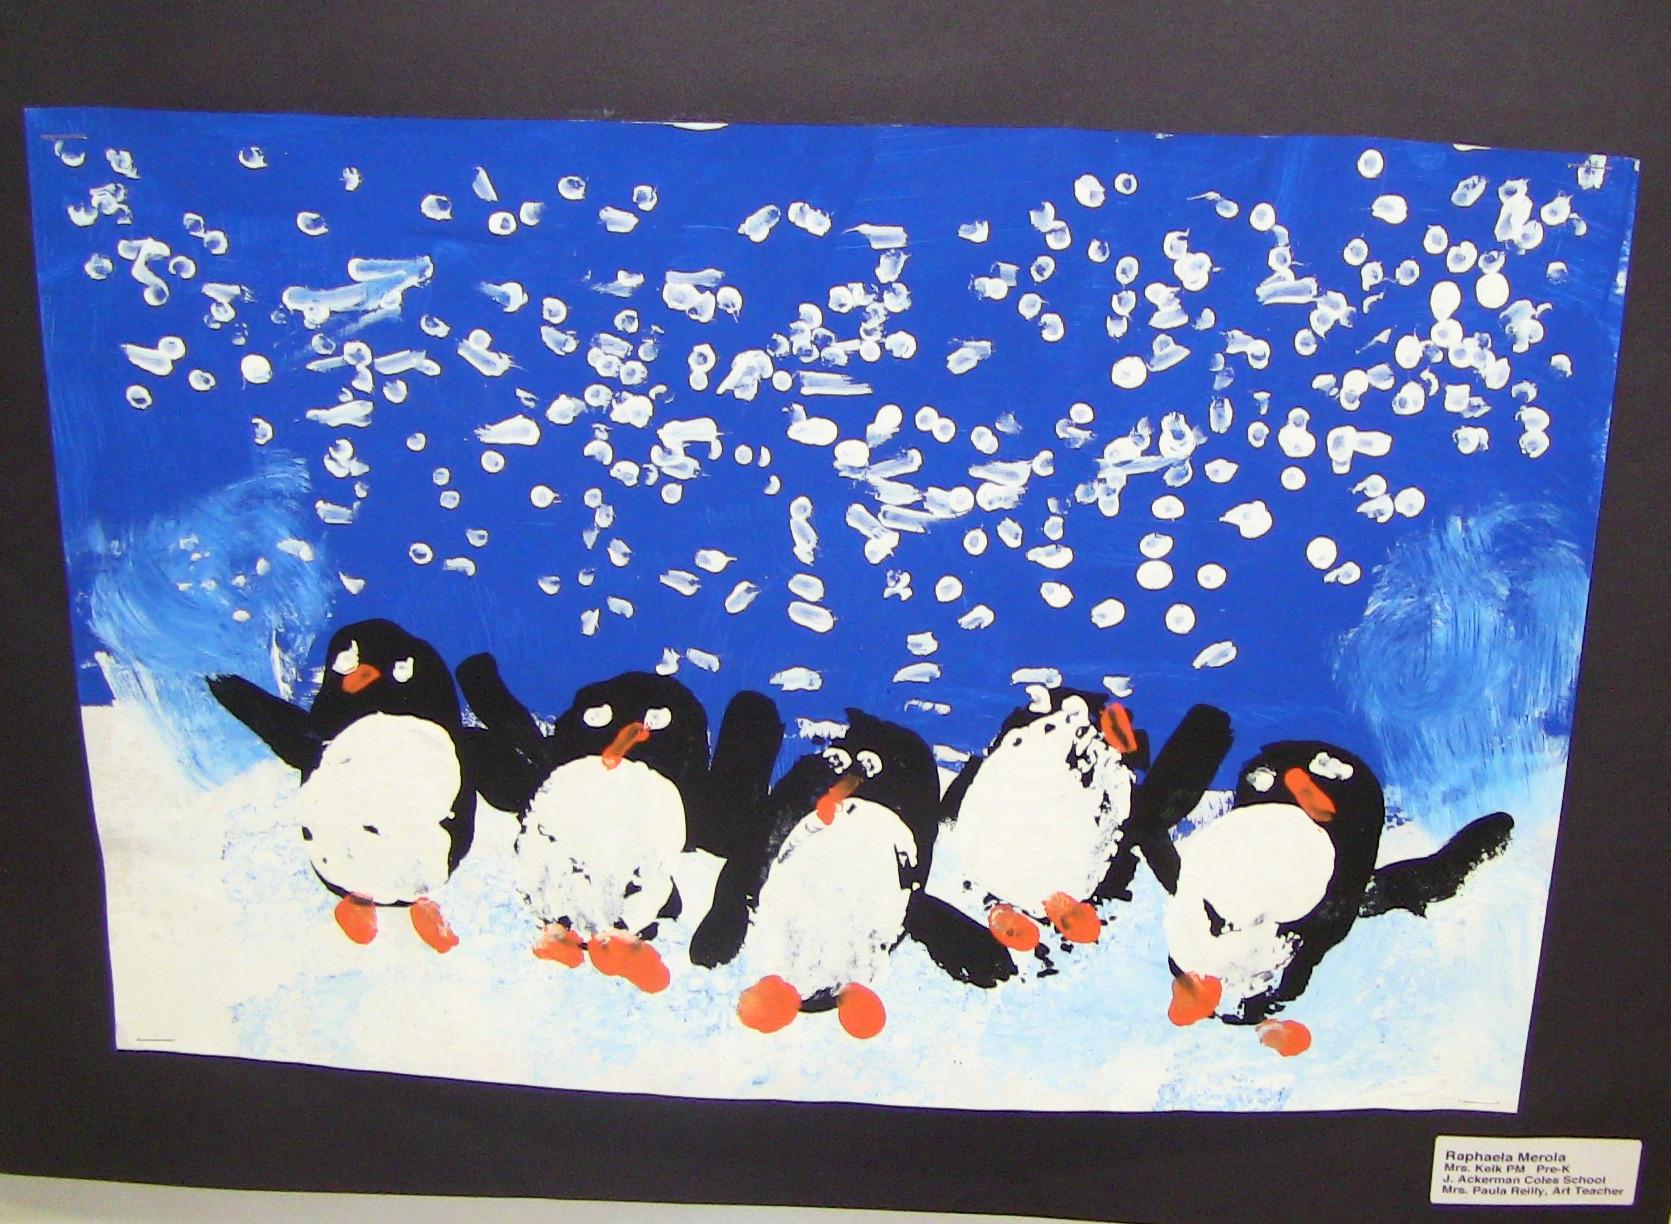 c529f9c508541cbc0d20_Penguin_Potato_Art.jpg